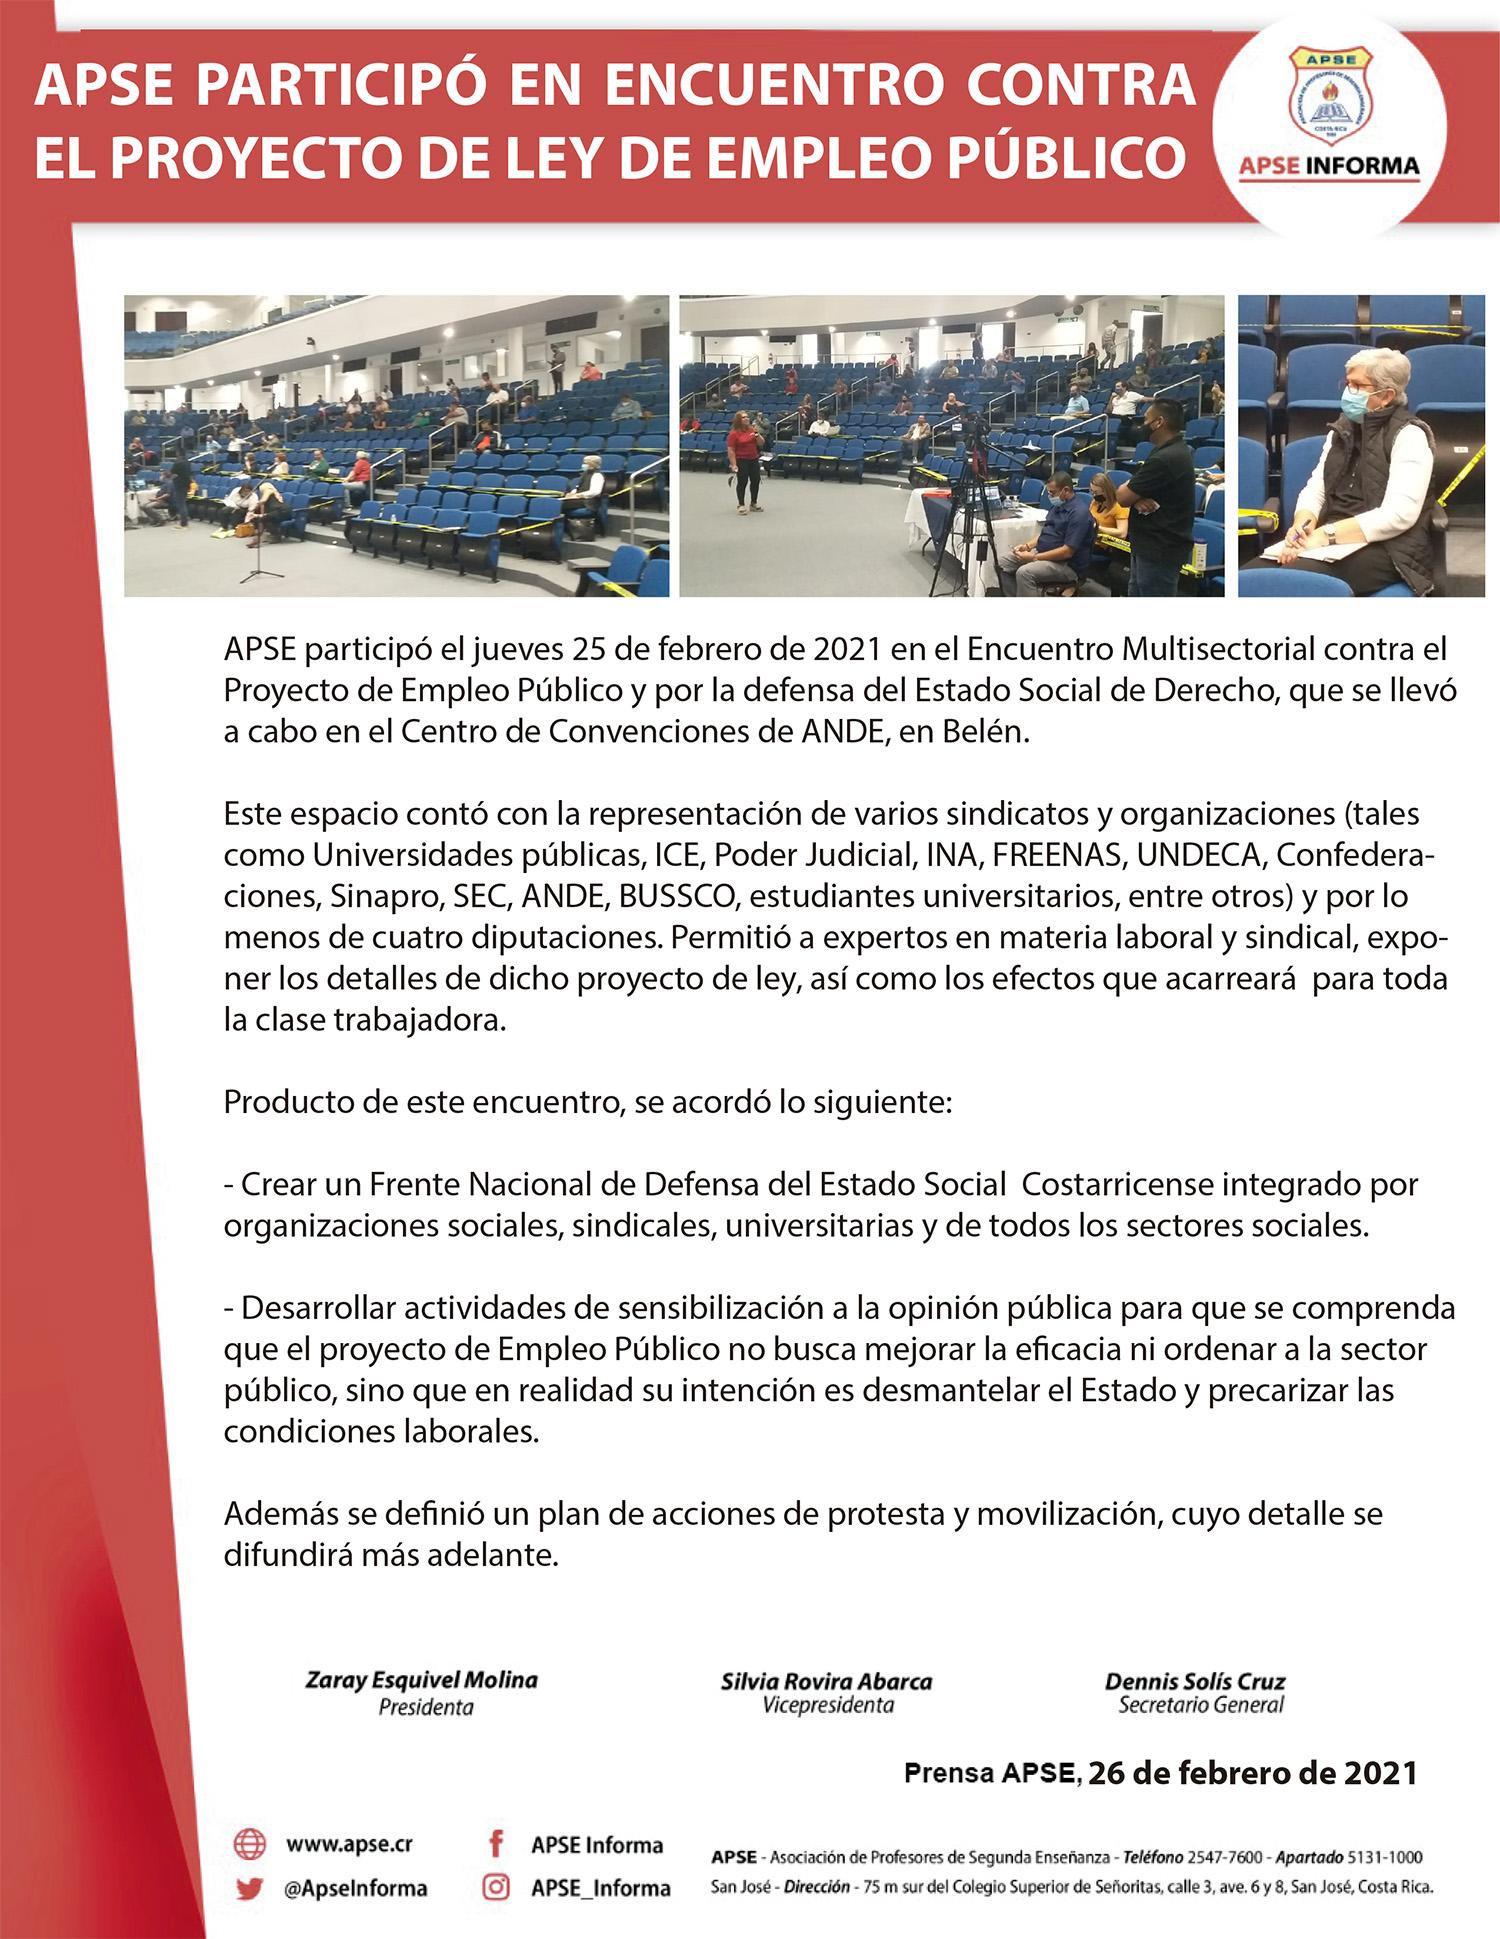 APSE PARTICIPÓ EN ENCUENTRO CONTRA EL PROYECTO DE LEY DE EMPLEO PÚBLICO